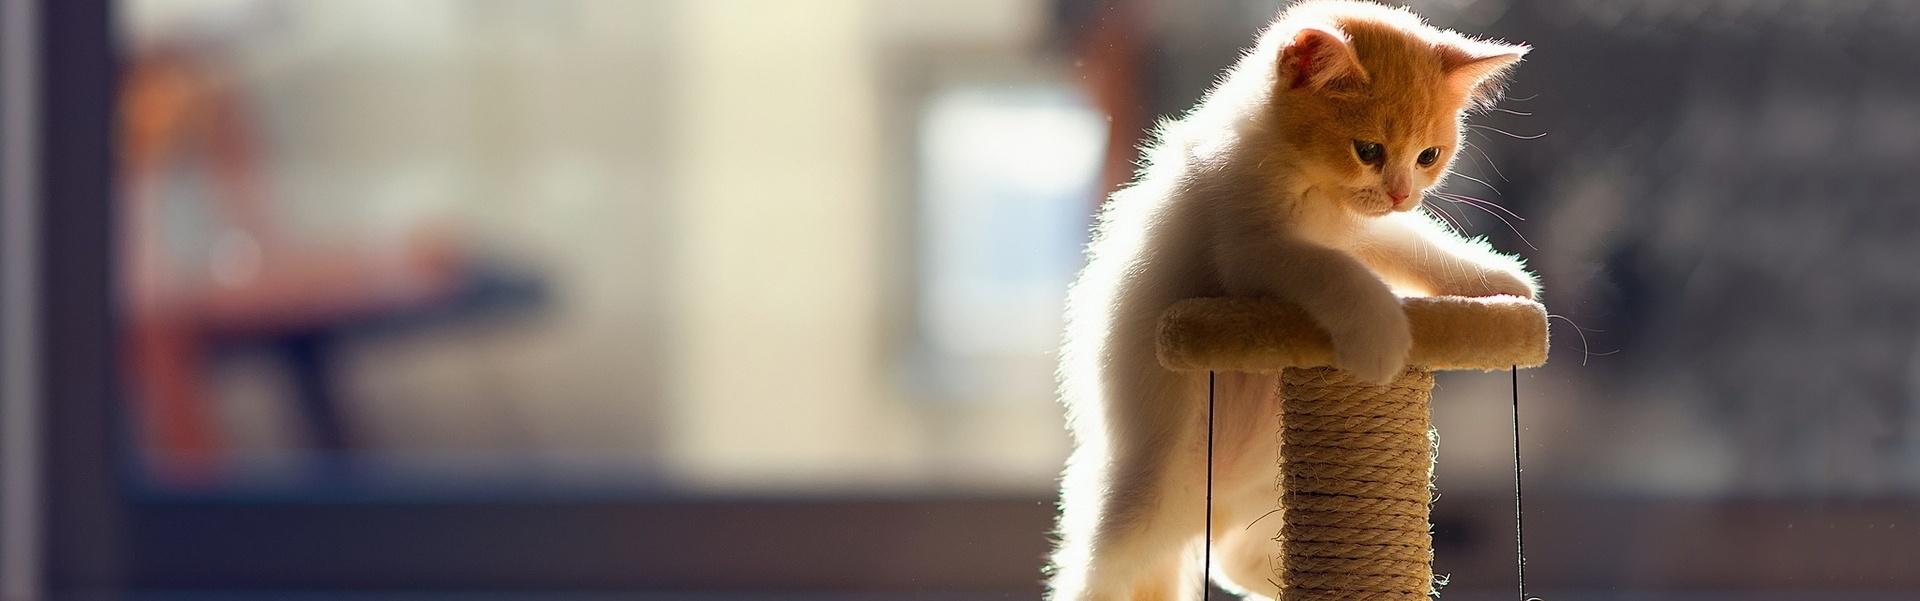 Cum să alegi ansamblul de joacă potrivit pentru pisica ta?